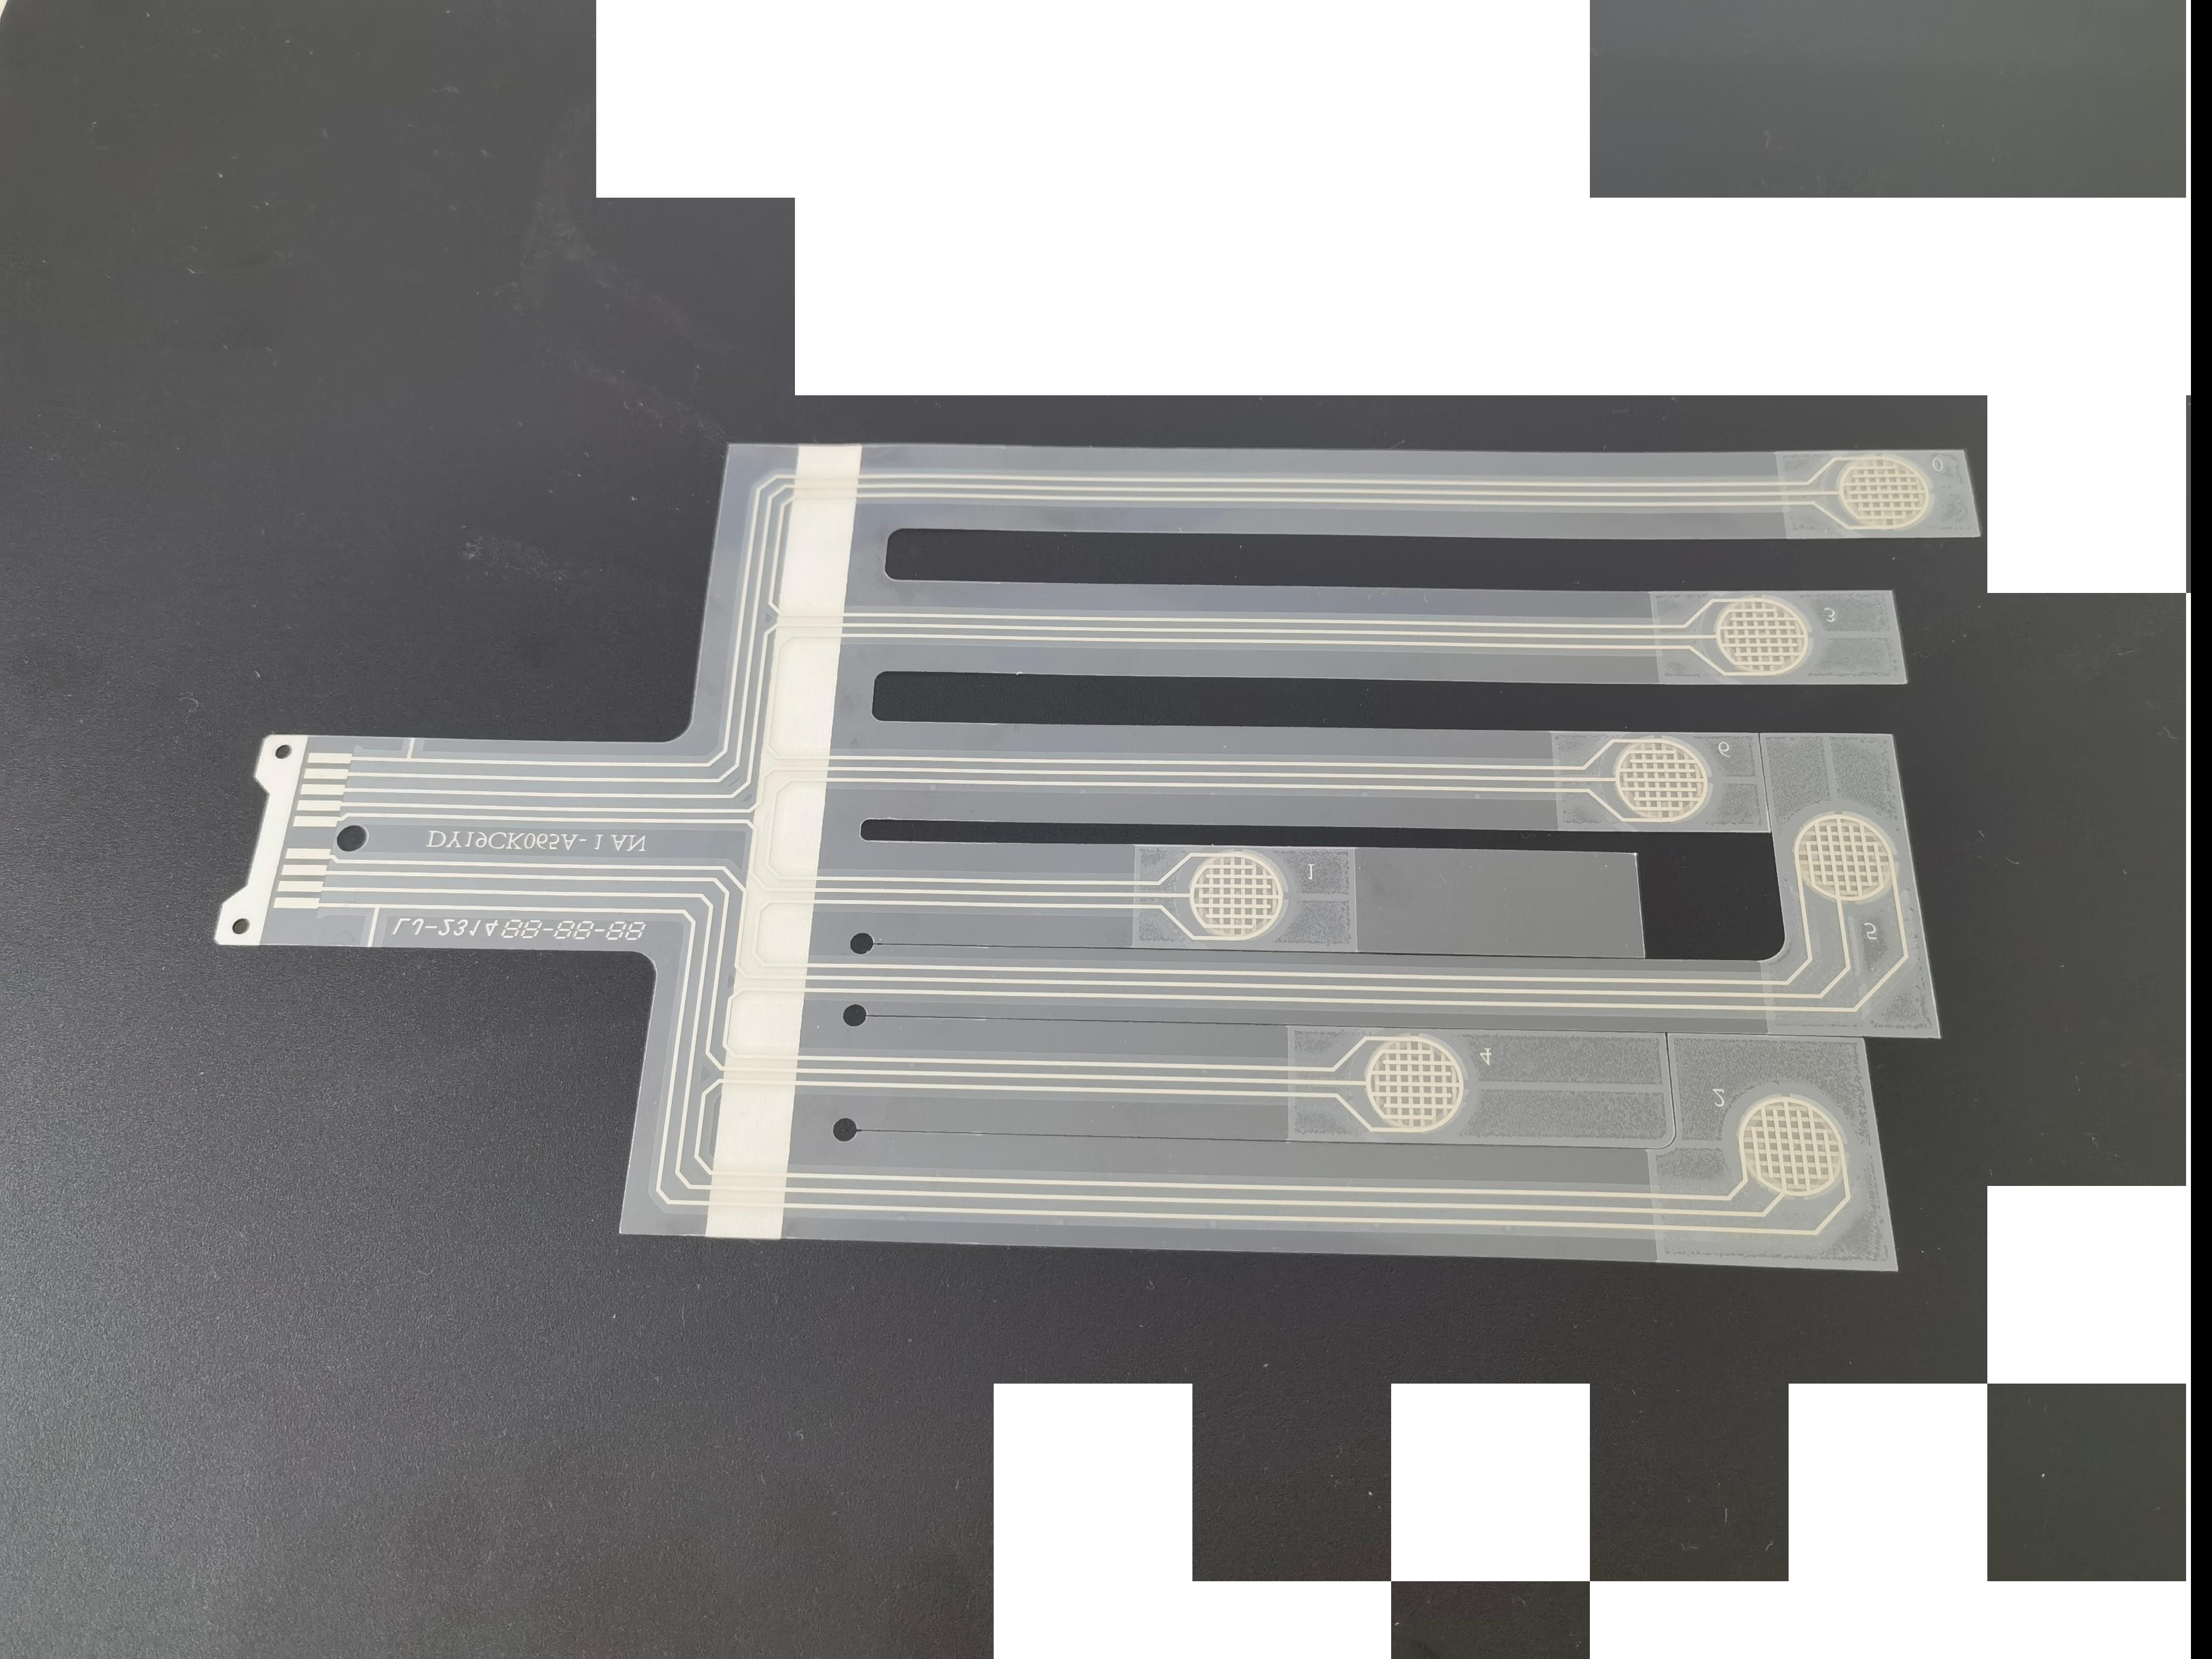 薄膜玩具线路,PET薄膜为基材制成的柔性线路板